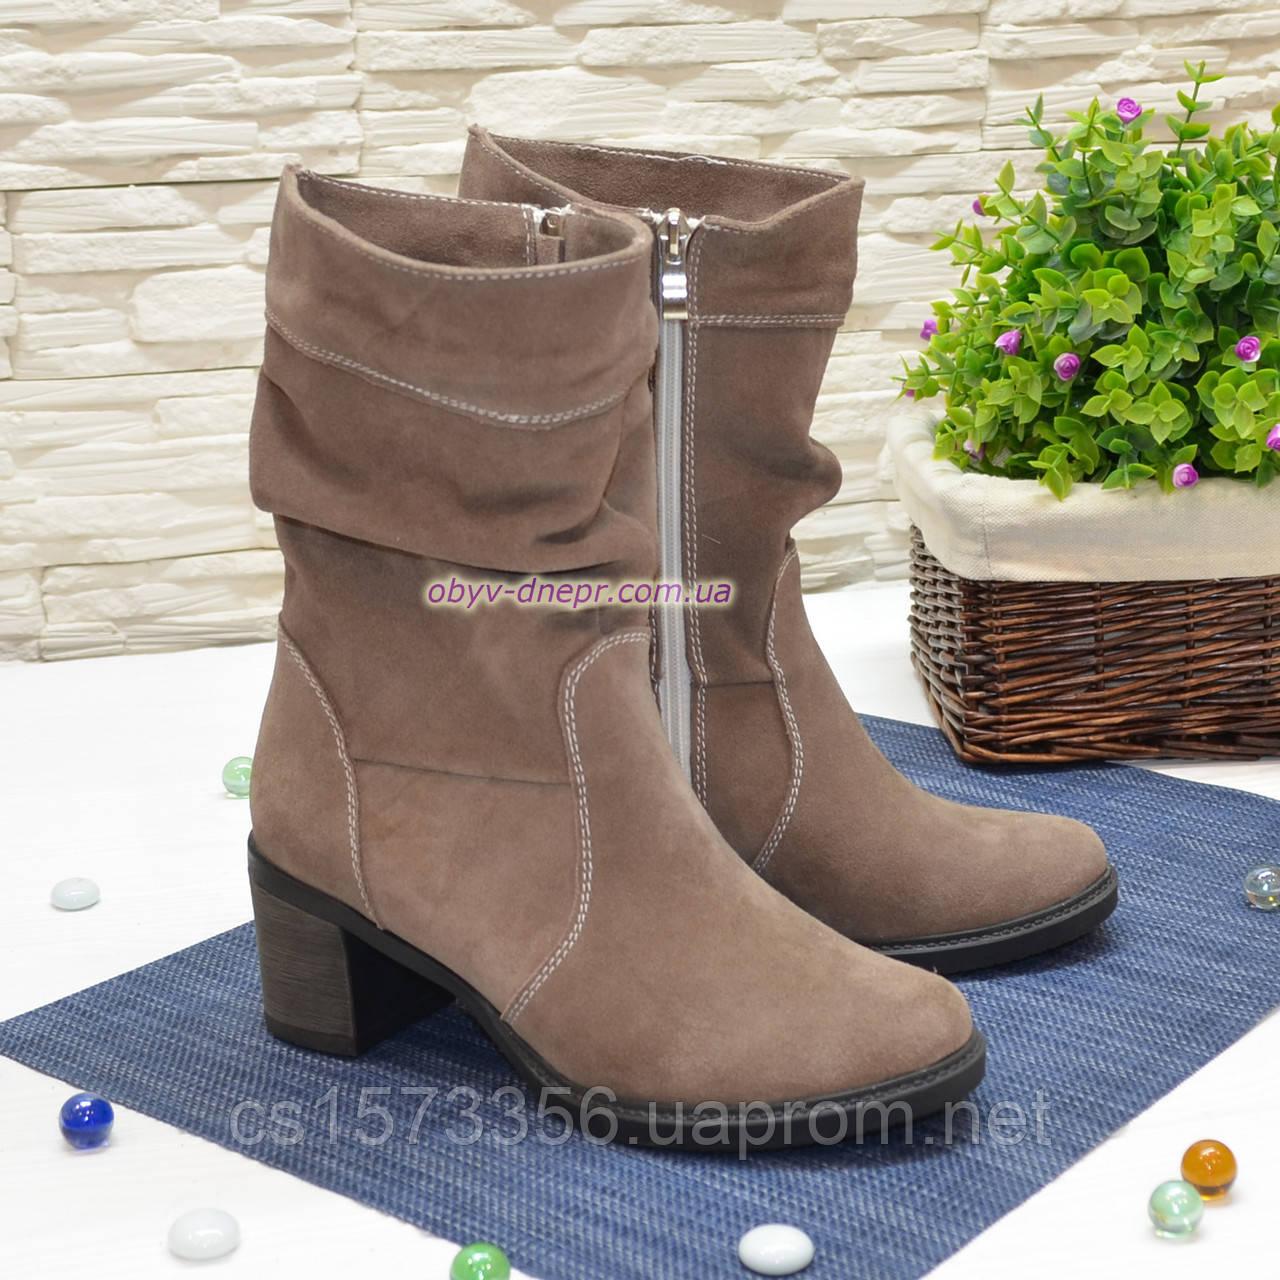 Ботинки замшевые на невысоком каблуке, цвет бежевый